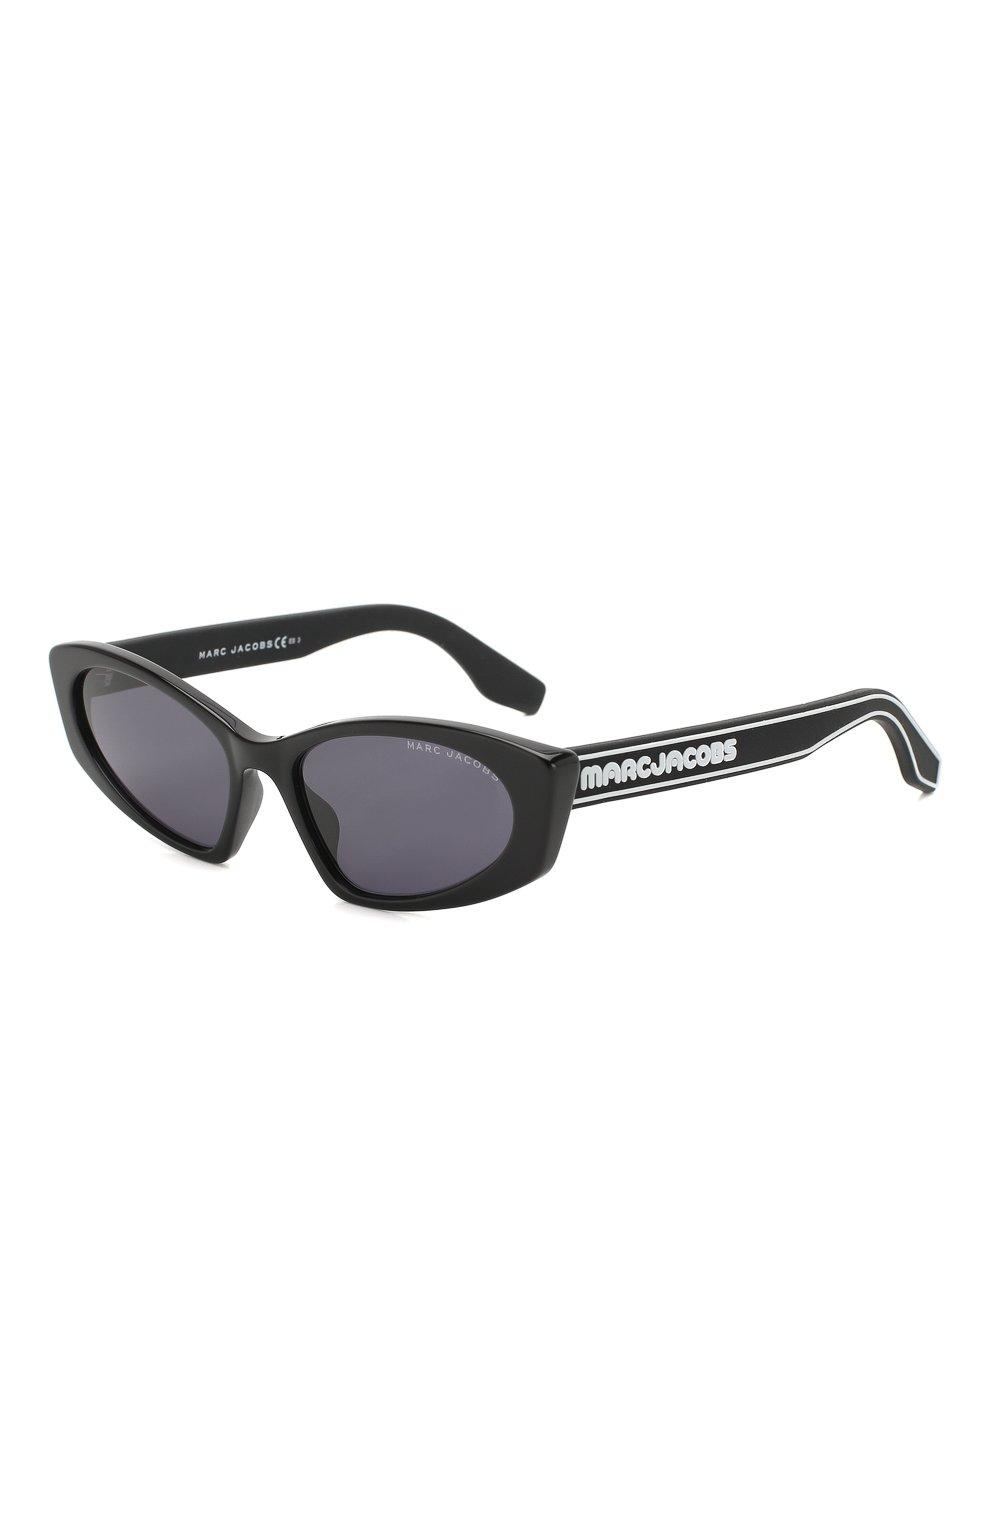 Женские солнцезащитные очки MARC JACOBS (THE) черного цвета, арт. MARC 356 807 | Фото 1